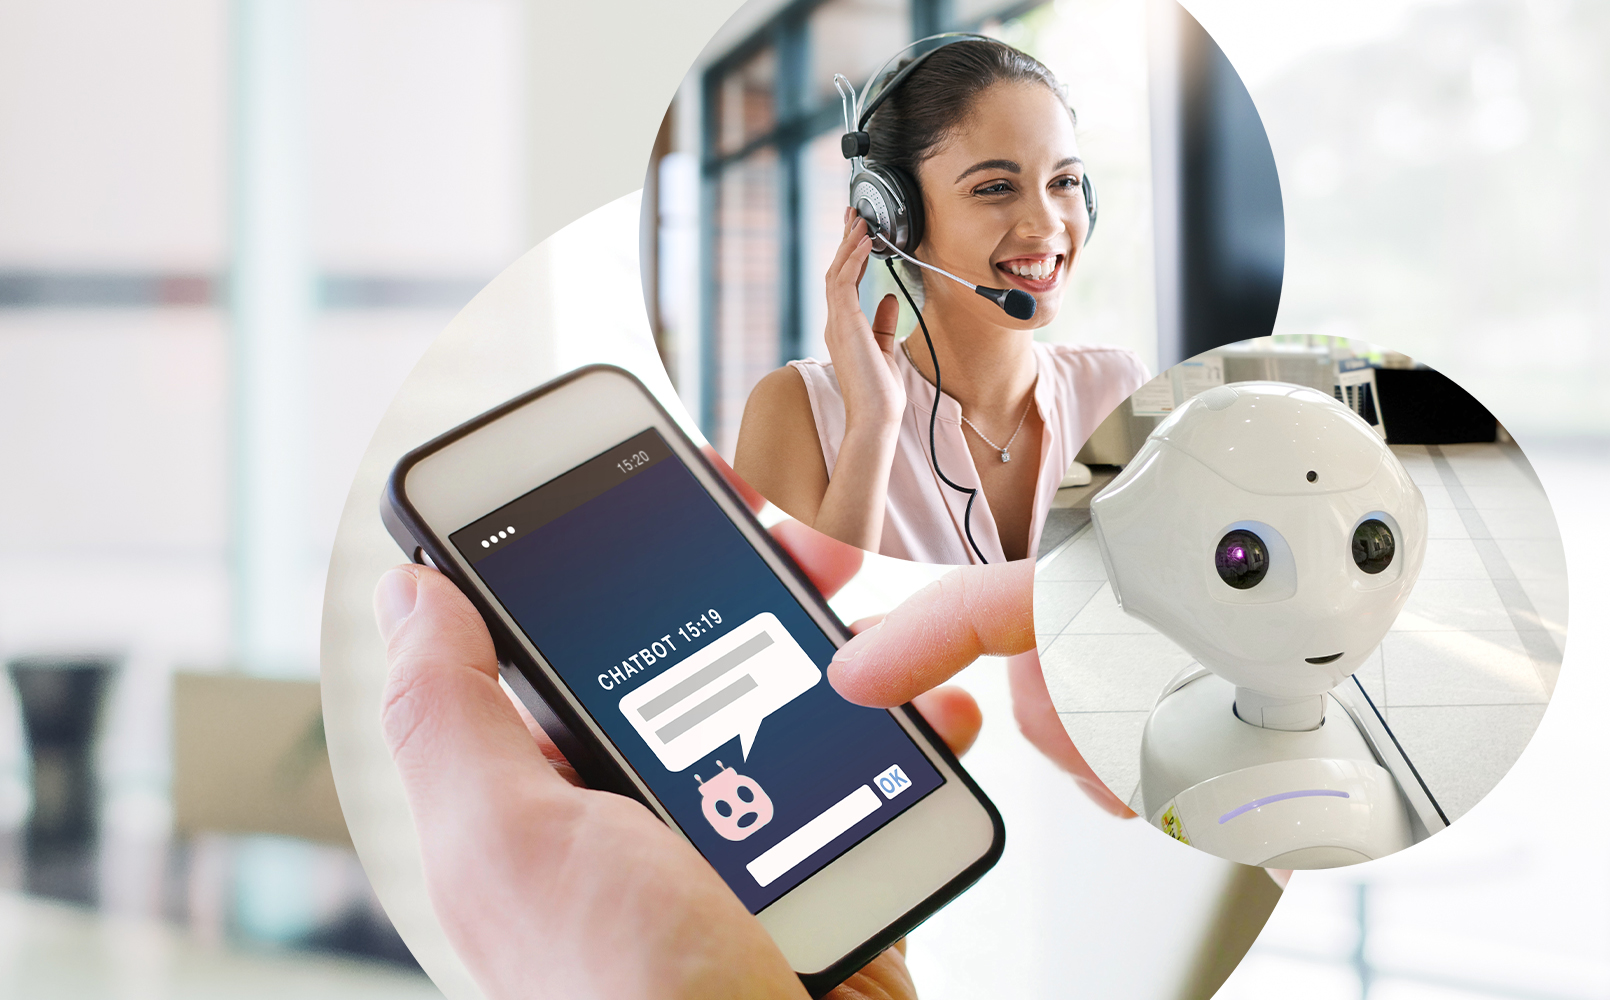 Bild einer Frau mit Headset, daneben ein Bild von einer vernetzten Struktur und dahinter ein Bild von einem Live Chat mit einem Chatbot und ein Bild von einem Roboter, valantic Blog Robotic, Chatbots und Konversational AI